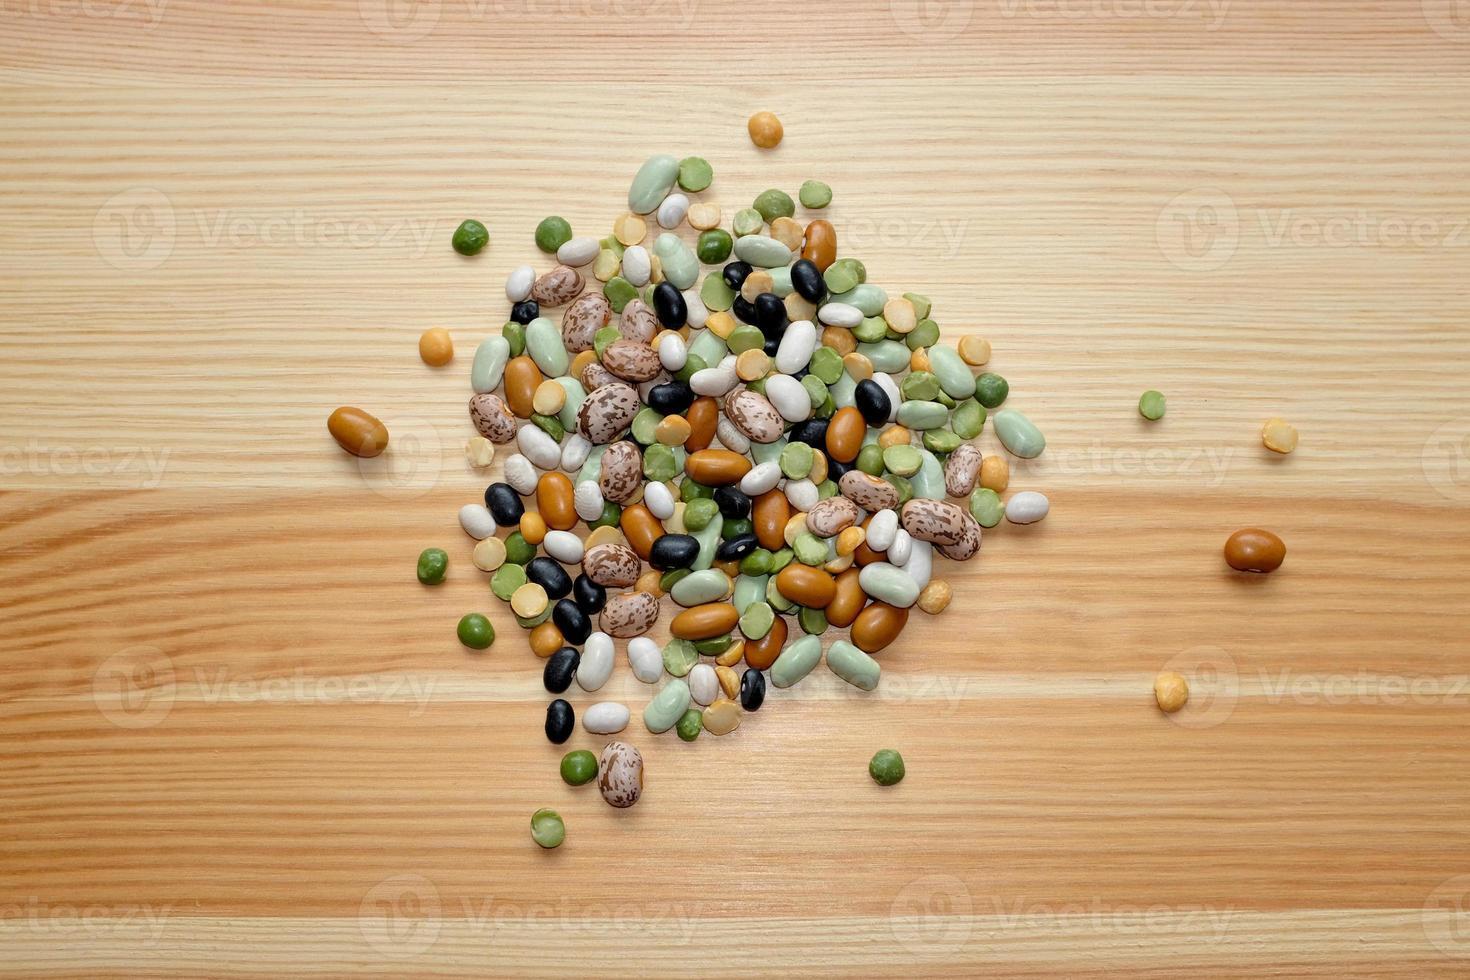 haricots et pois secs mélangés sur un fond en bois photo